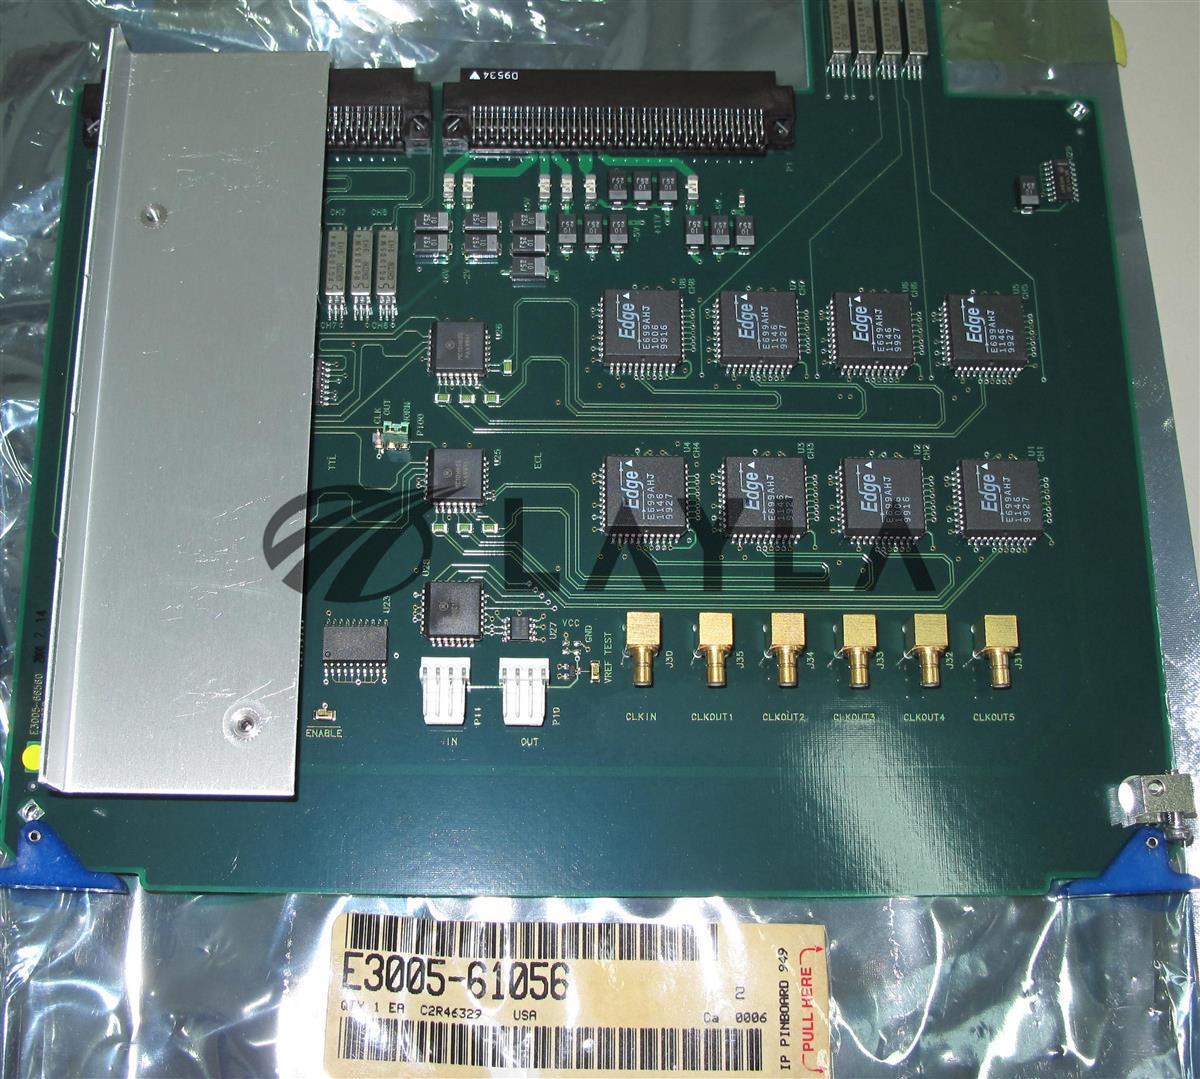 E3005-69056/-/E3005-69056/Agilent/_01